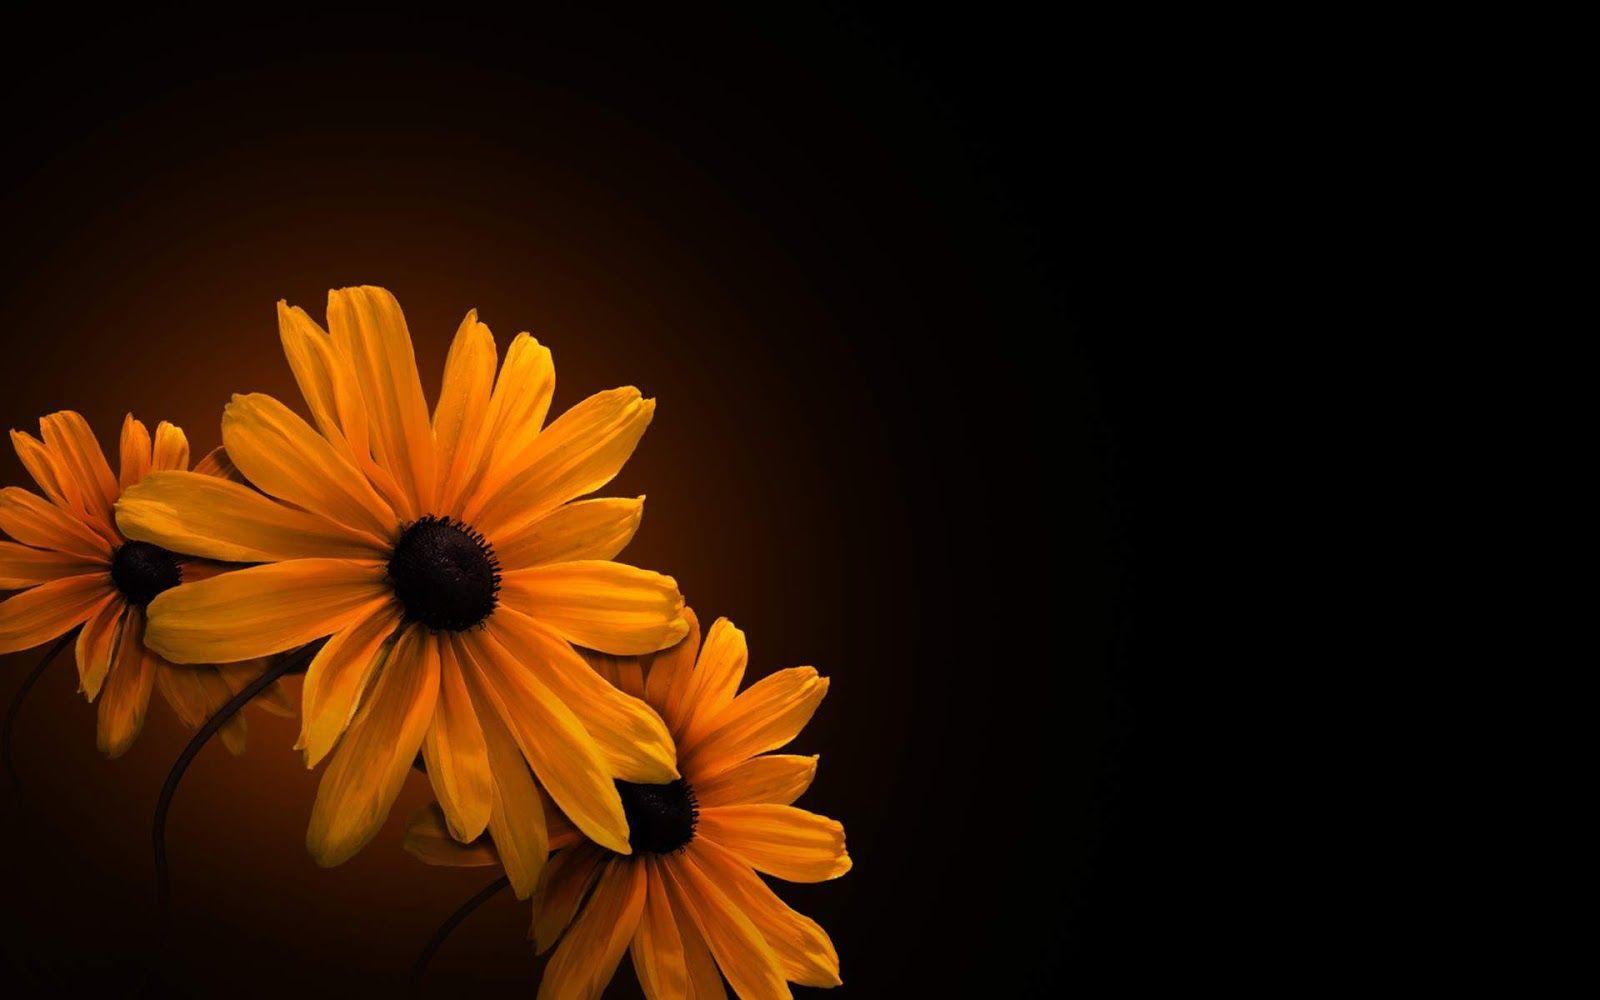 Orange And Brown Backgrounds Orange Flower On Black Background